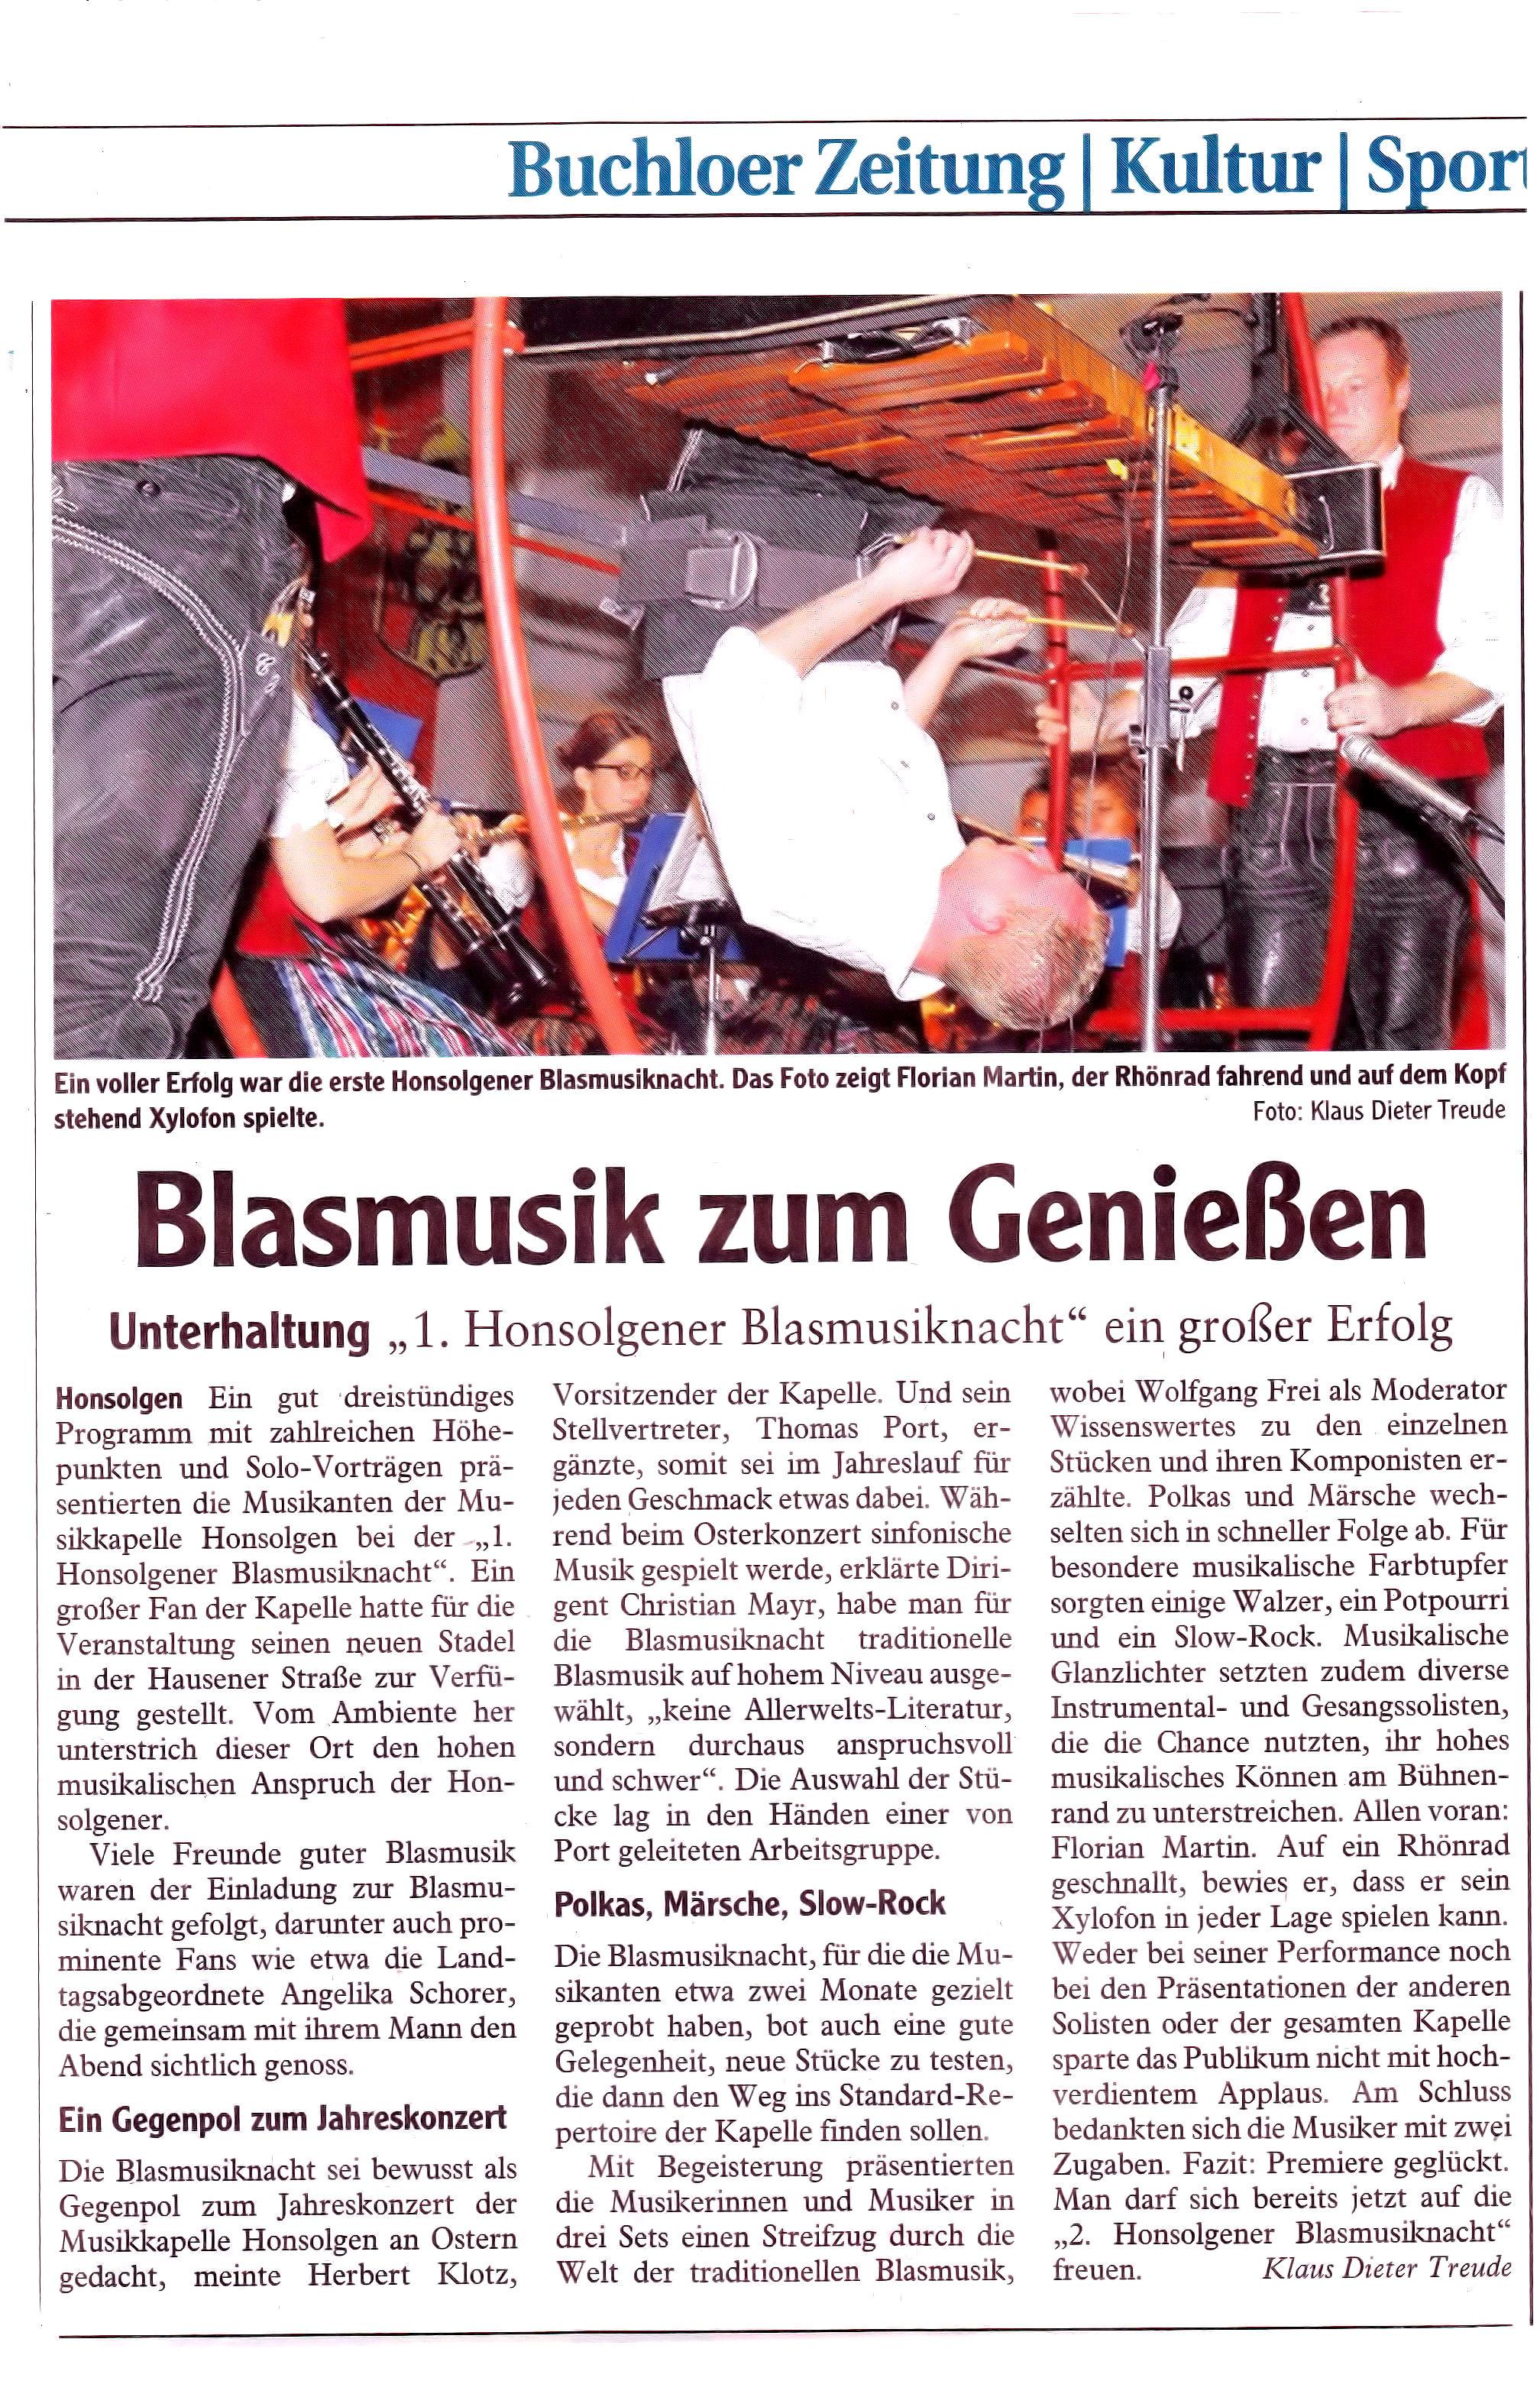 Honsolgener Blasmusiknacht 2013_Bericht aus Buchloer Zeitung